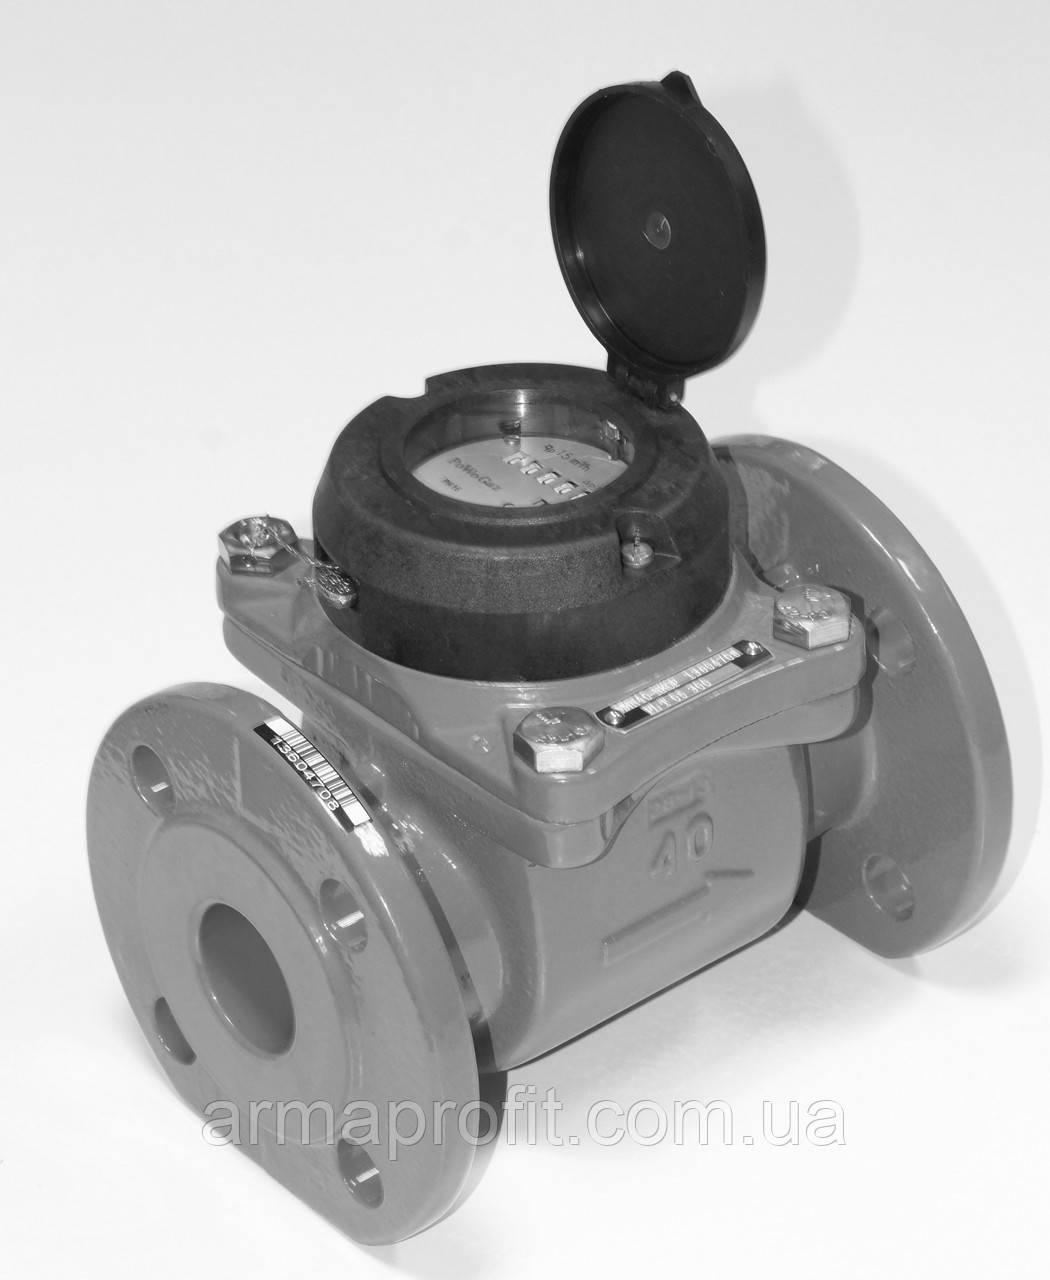 Счетчик холодной воды турбинный фланцевый Ду125 Powogaz MWN-50-125